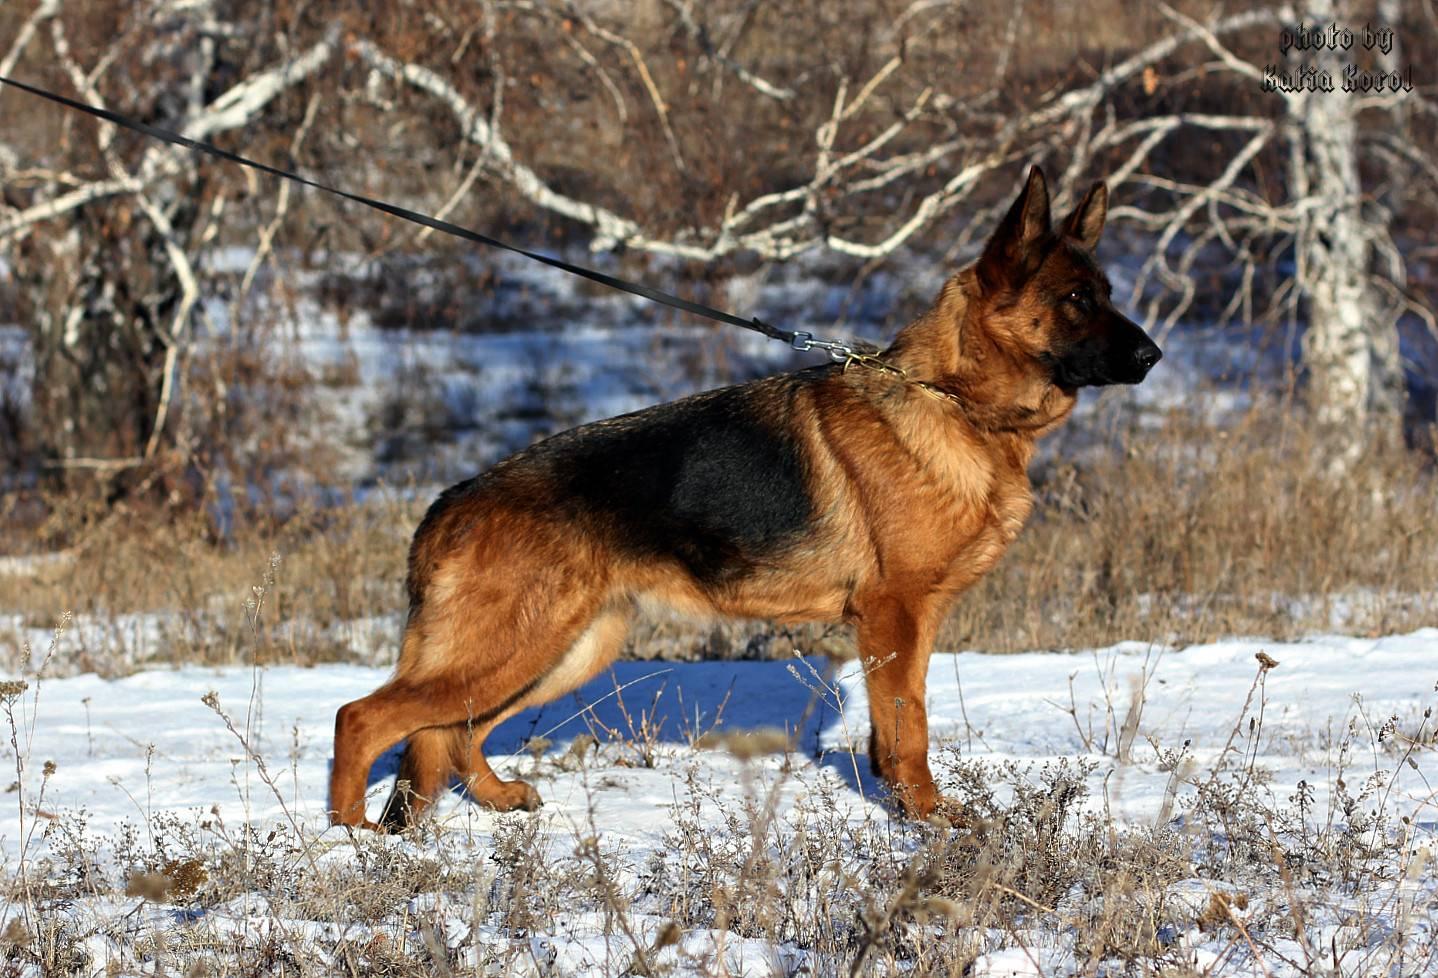 Окрасы немецкой овчарки — чепрачный, зонарный, рыжий и другие, их особенности, фото и описание собак